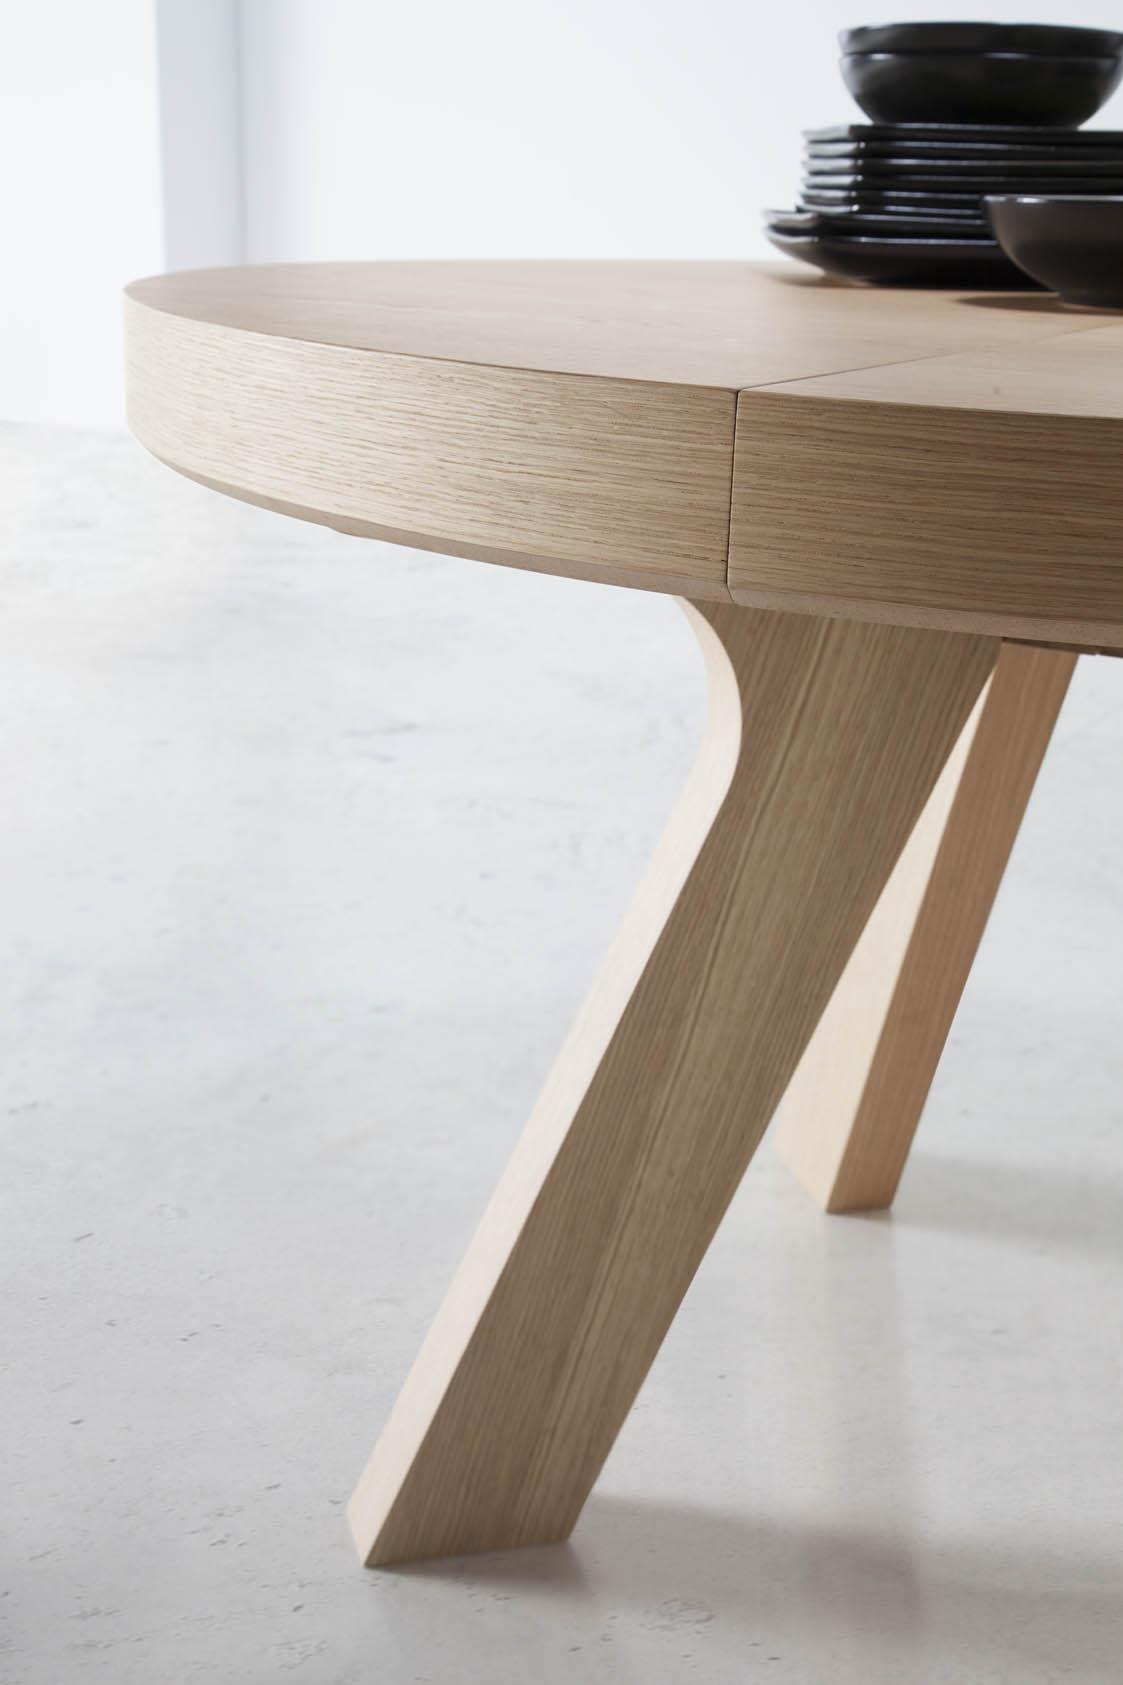 Mesas de cocina redondas extensibles amazing mesa redonda - Mesa cocina redonda extensible ...